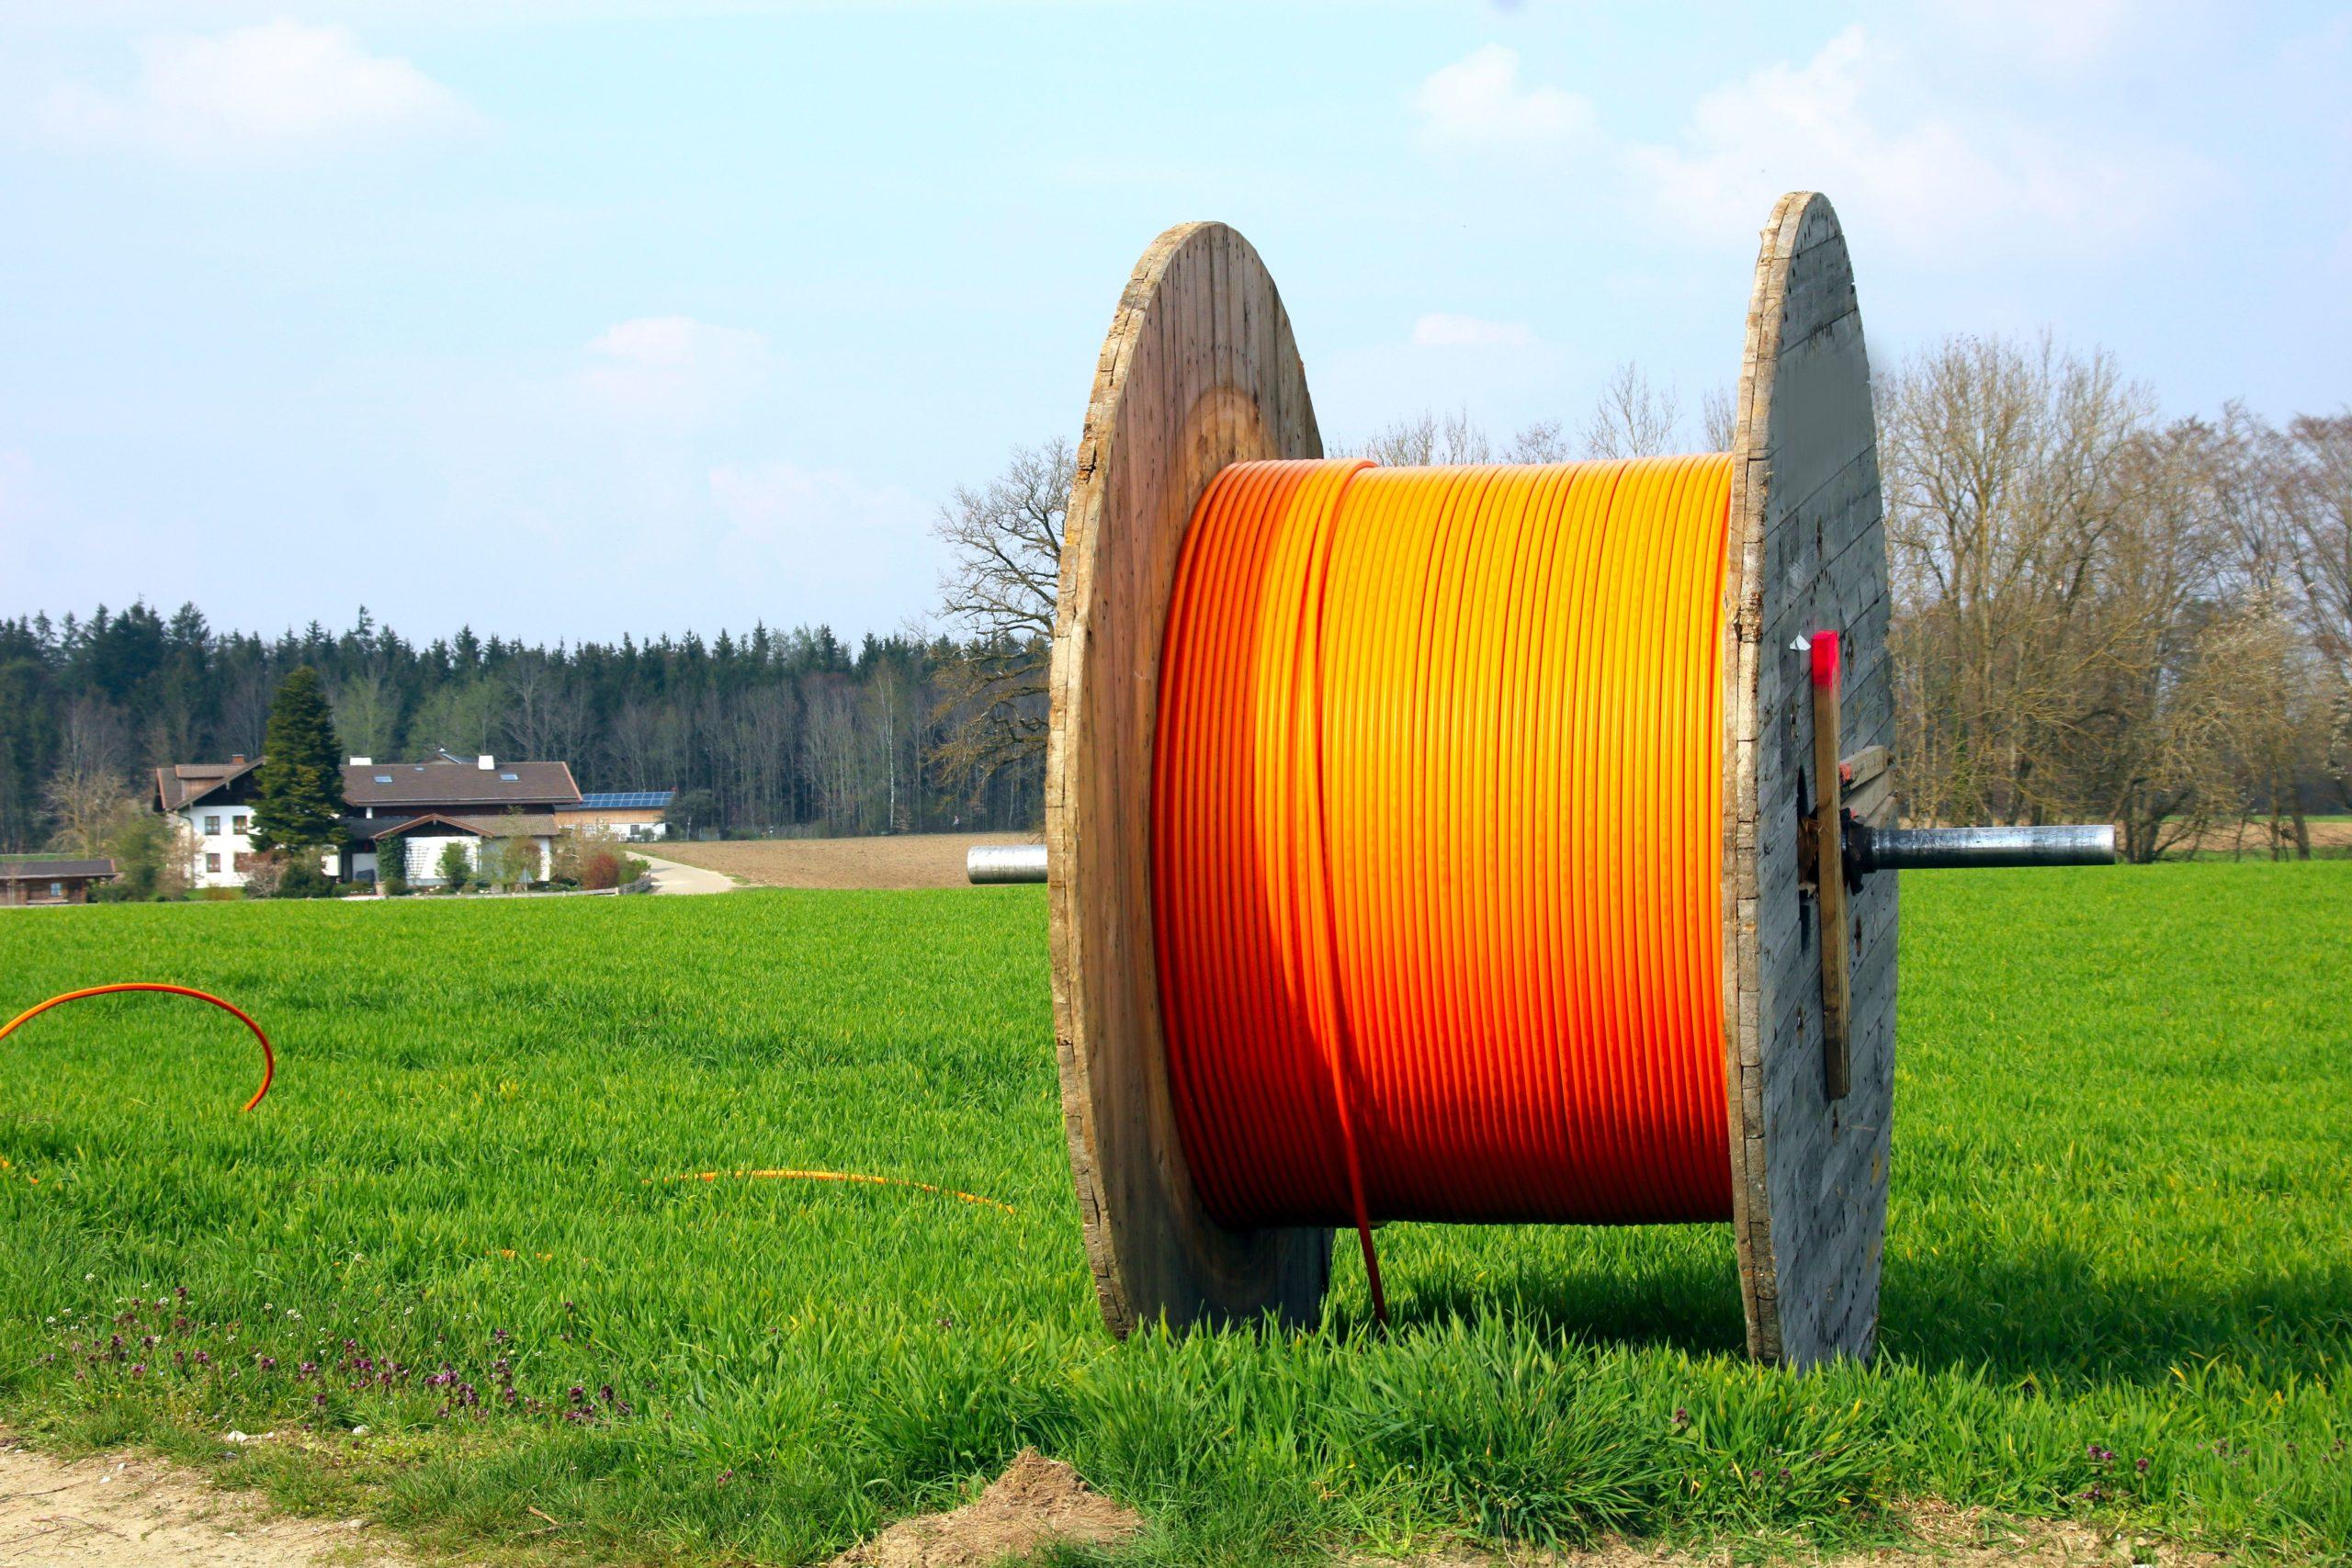 schnelles internet auf dem land - kabelrolle